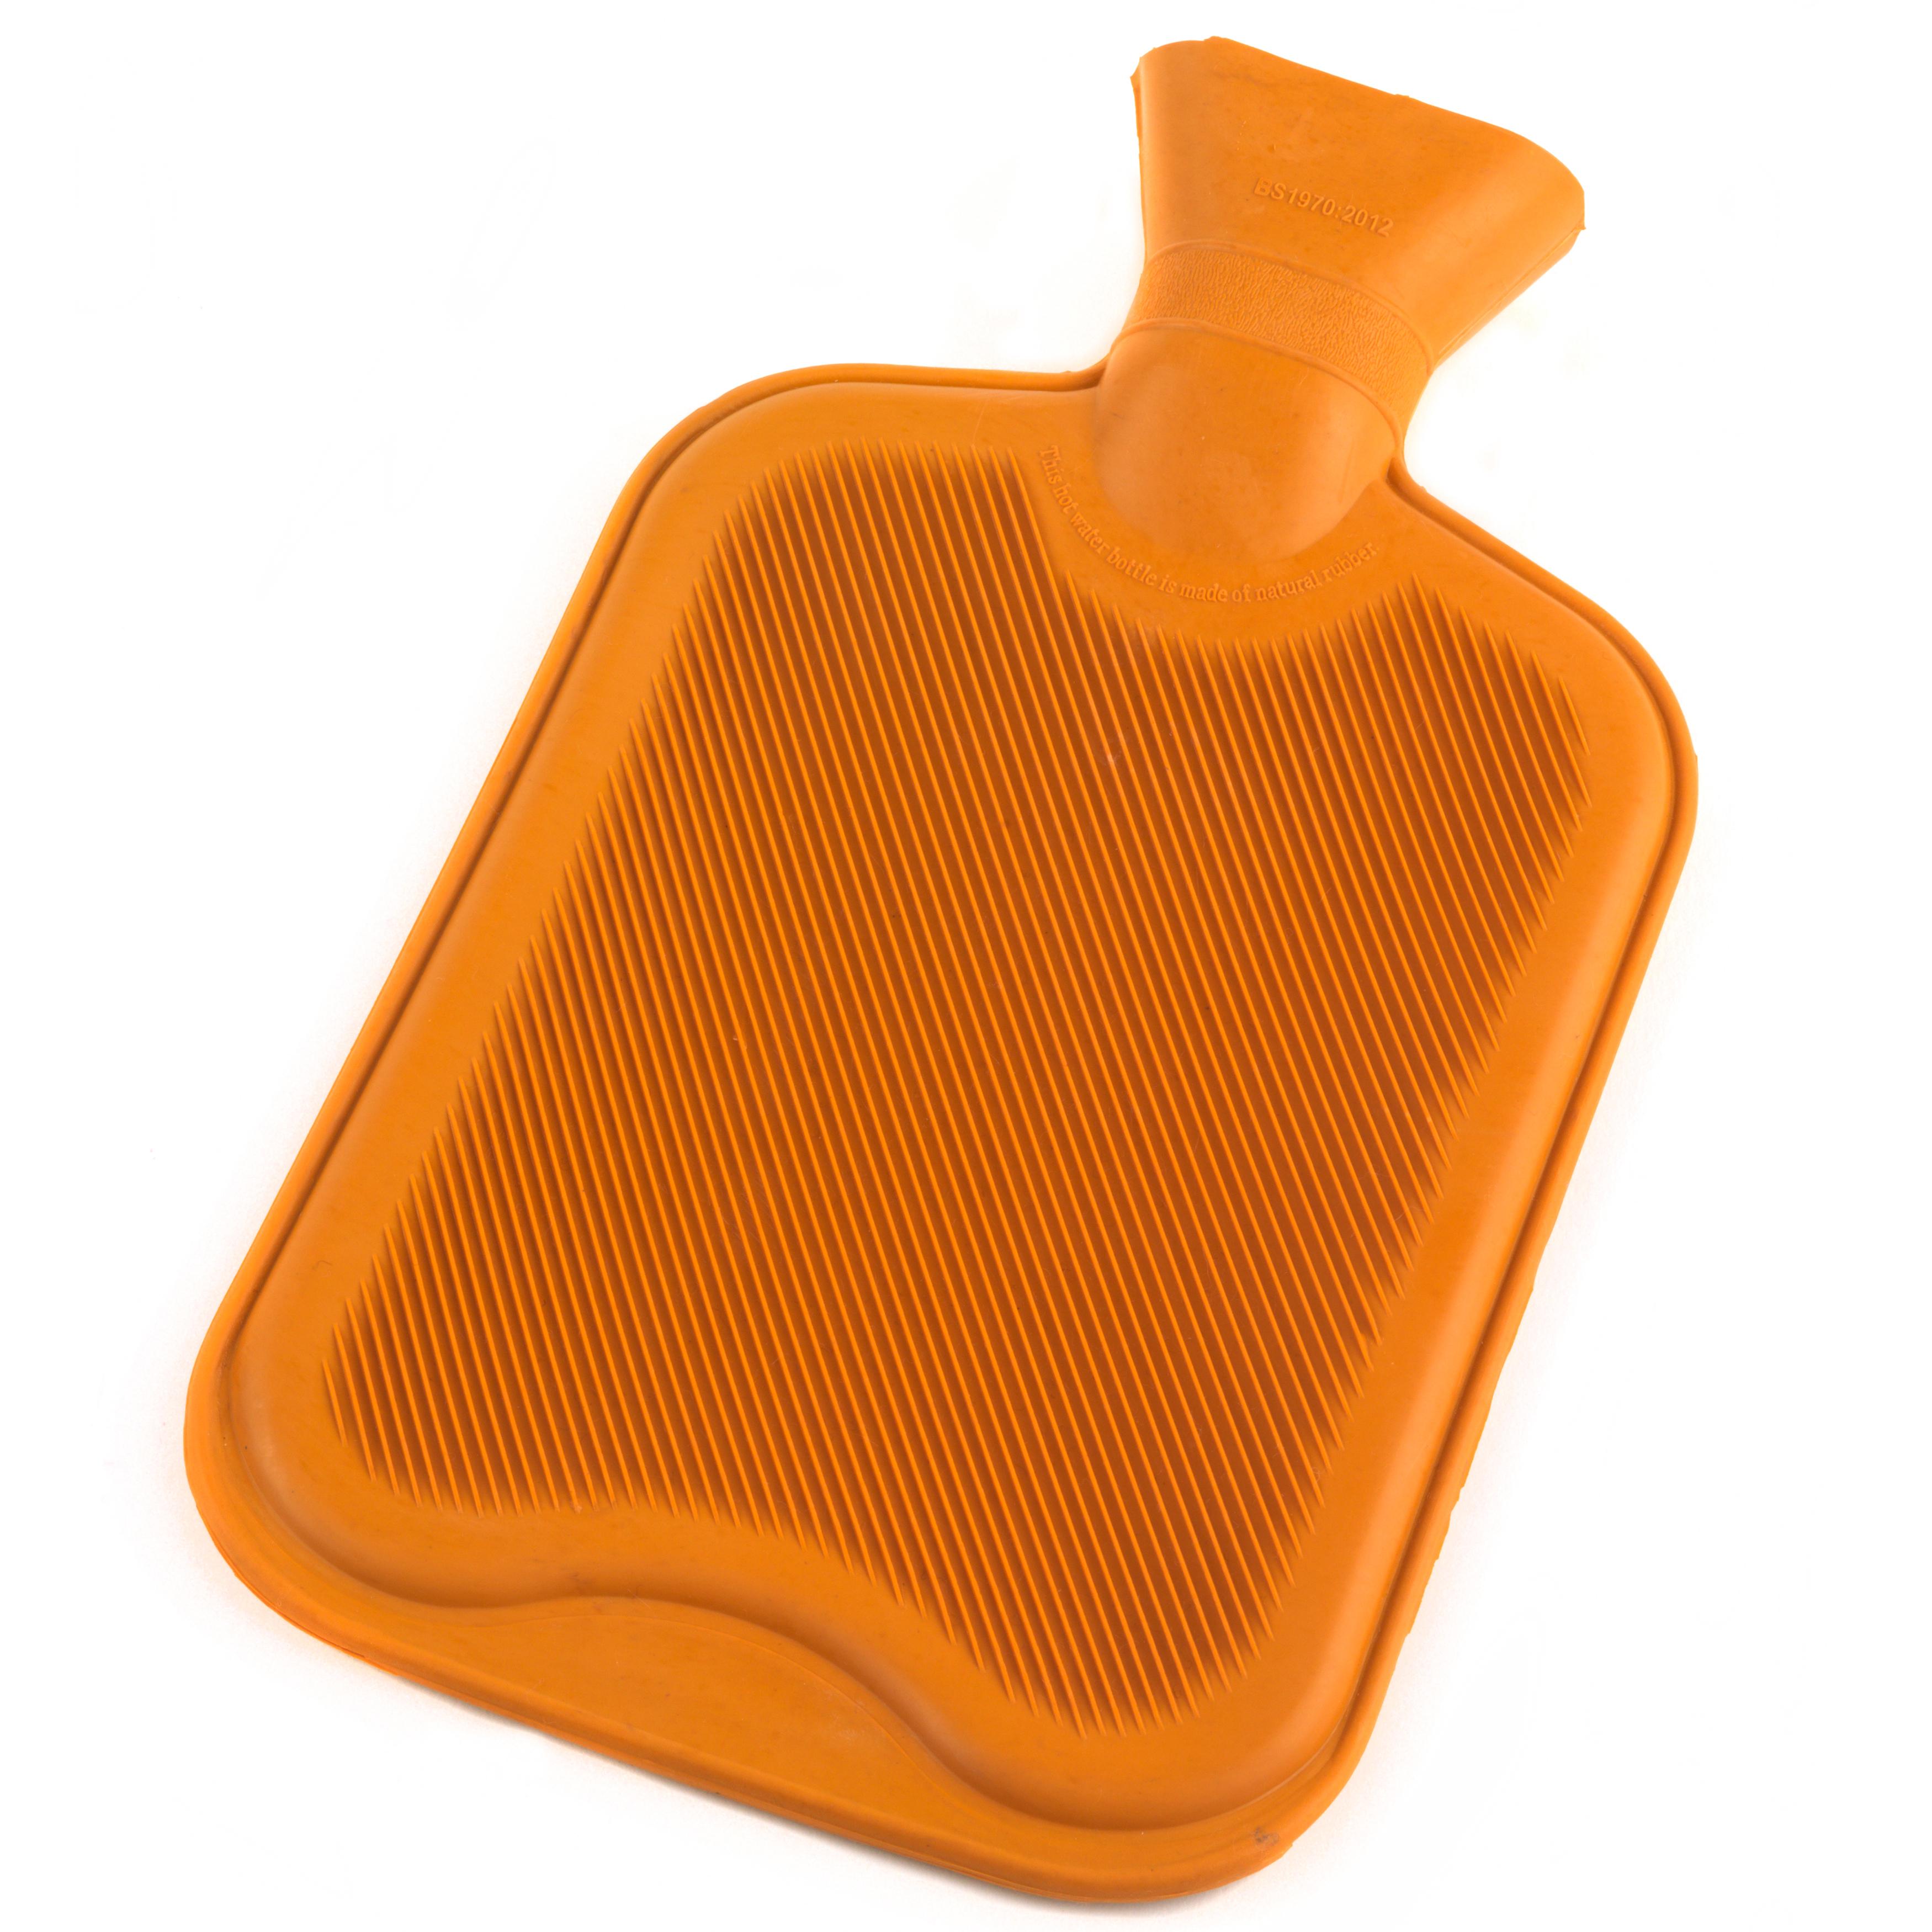 Beldray 2 Litre Hot Water Bottle